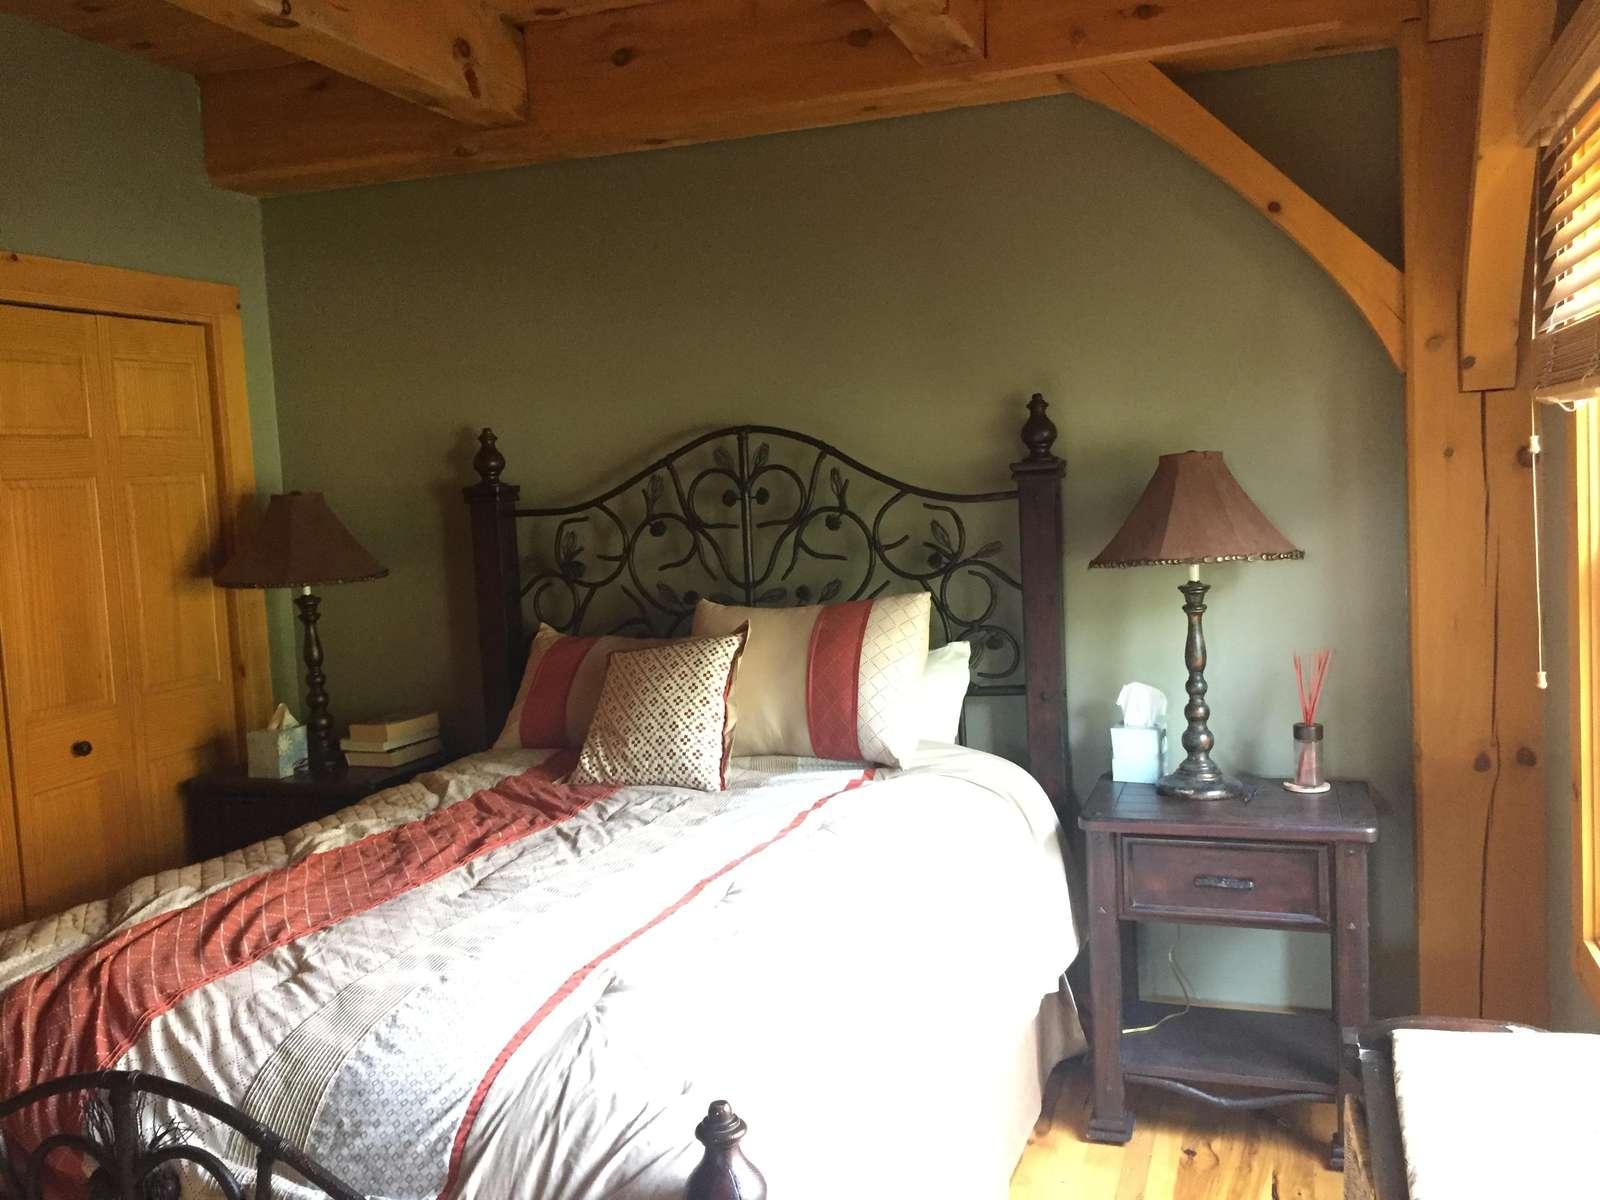 Main floor bedroom - queen bed